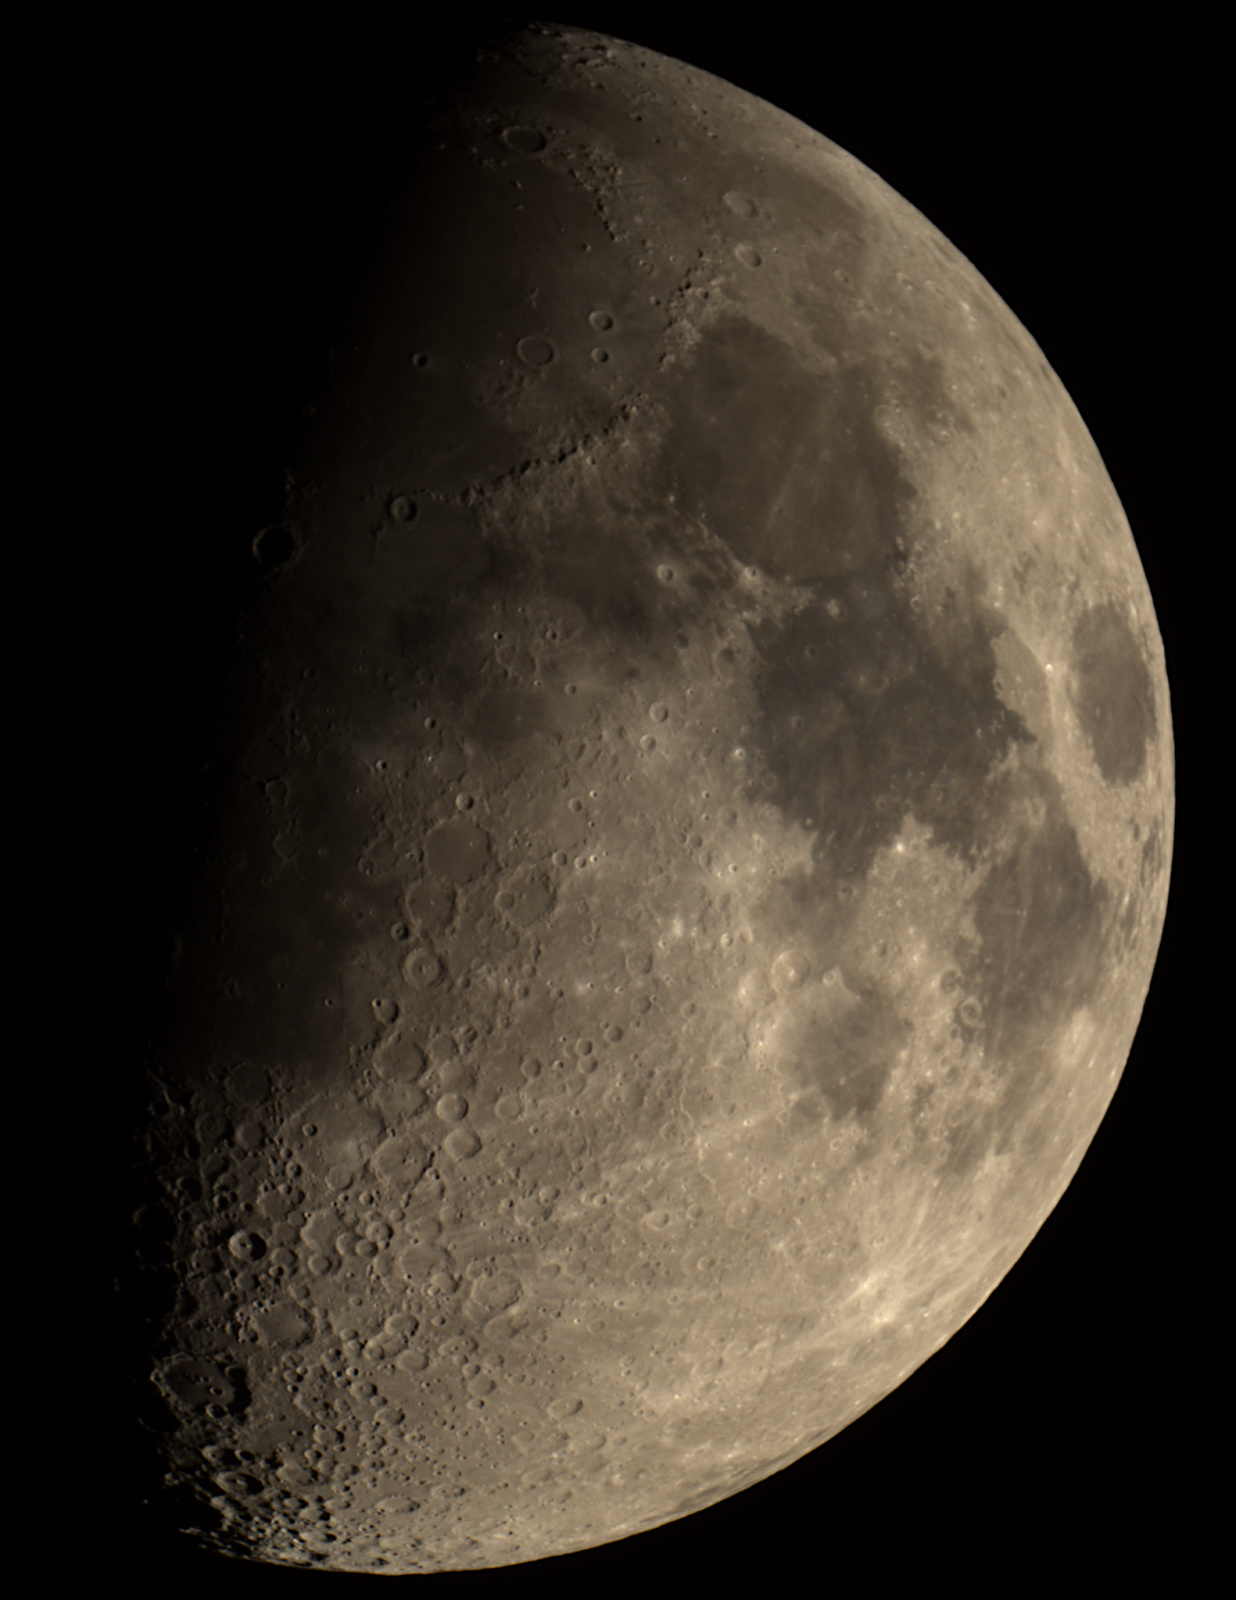 Moon_20210520_cr.thumb.jpg.fd8cdfaf8157327540633b40a94f75ca.jpg